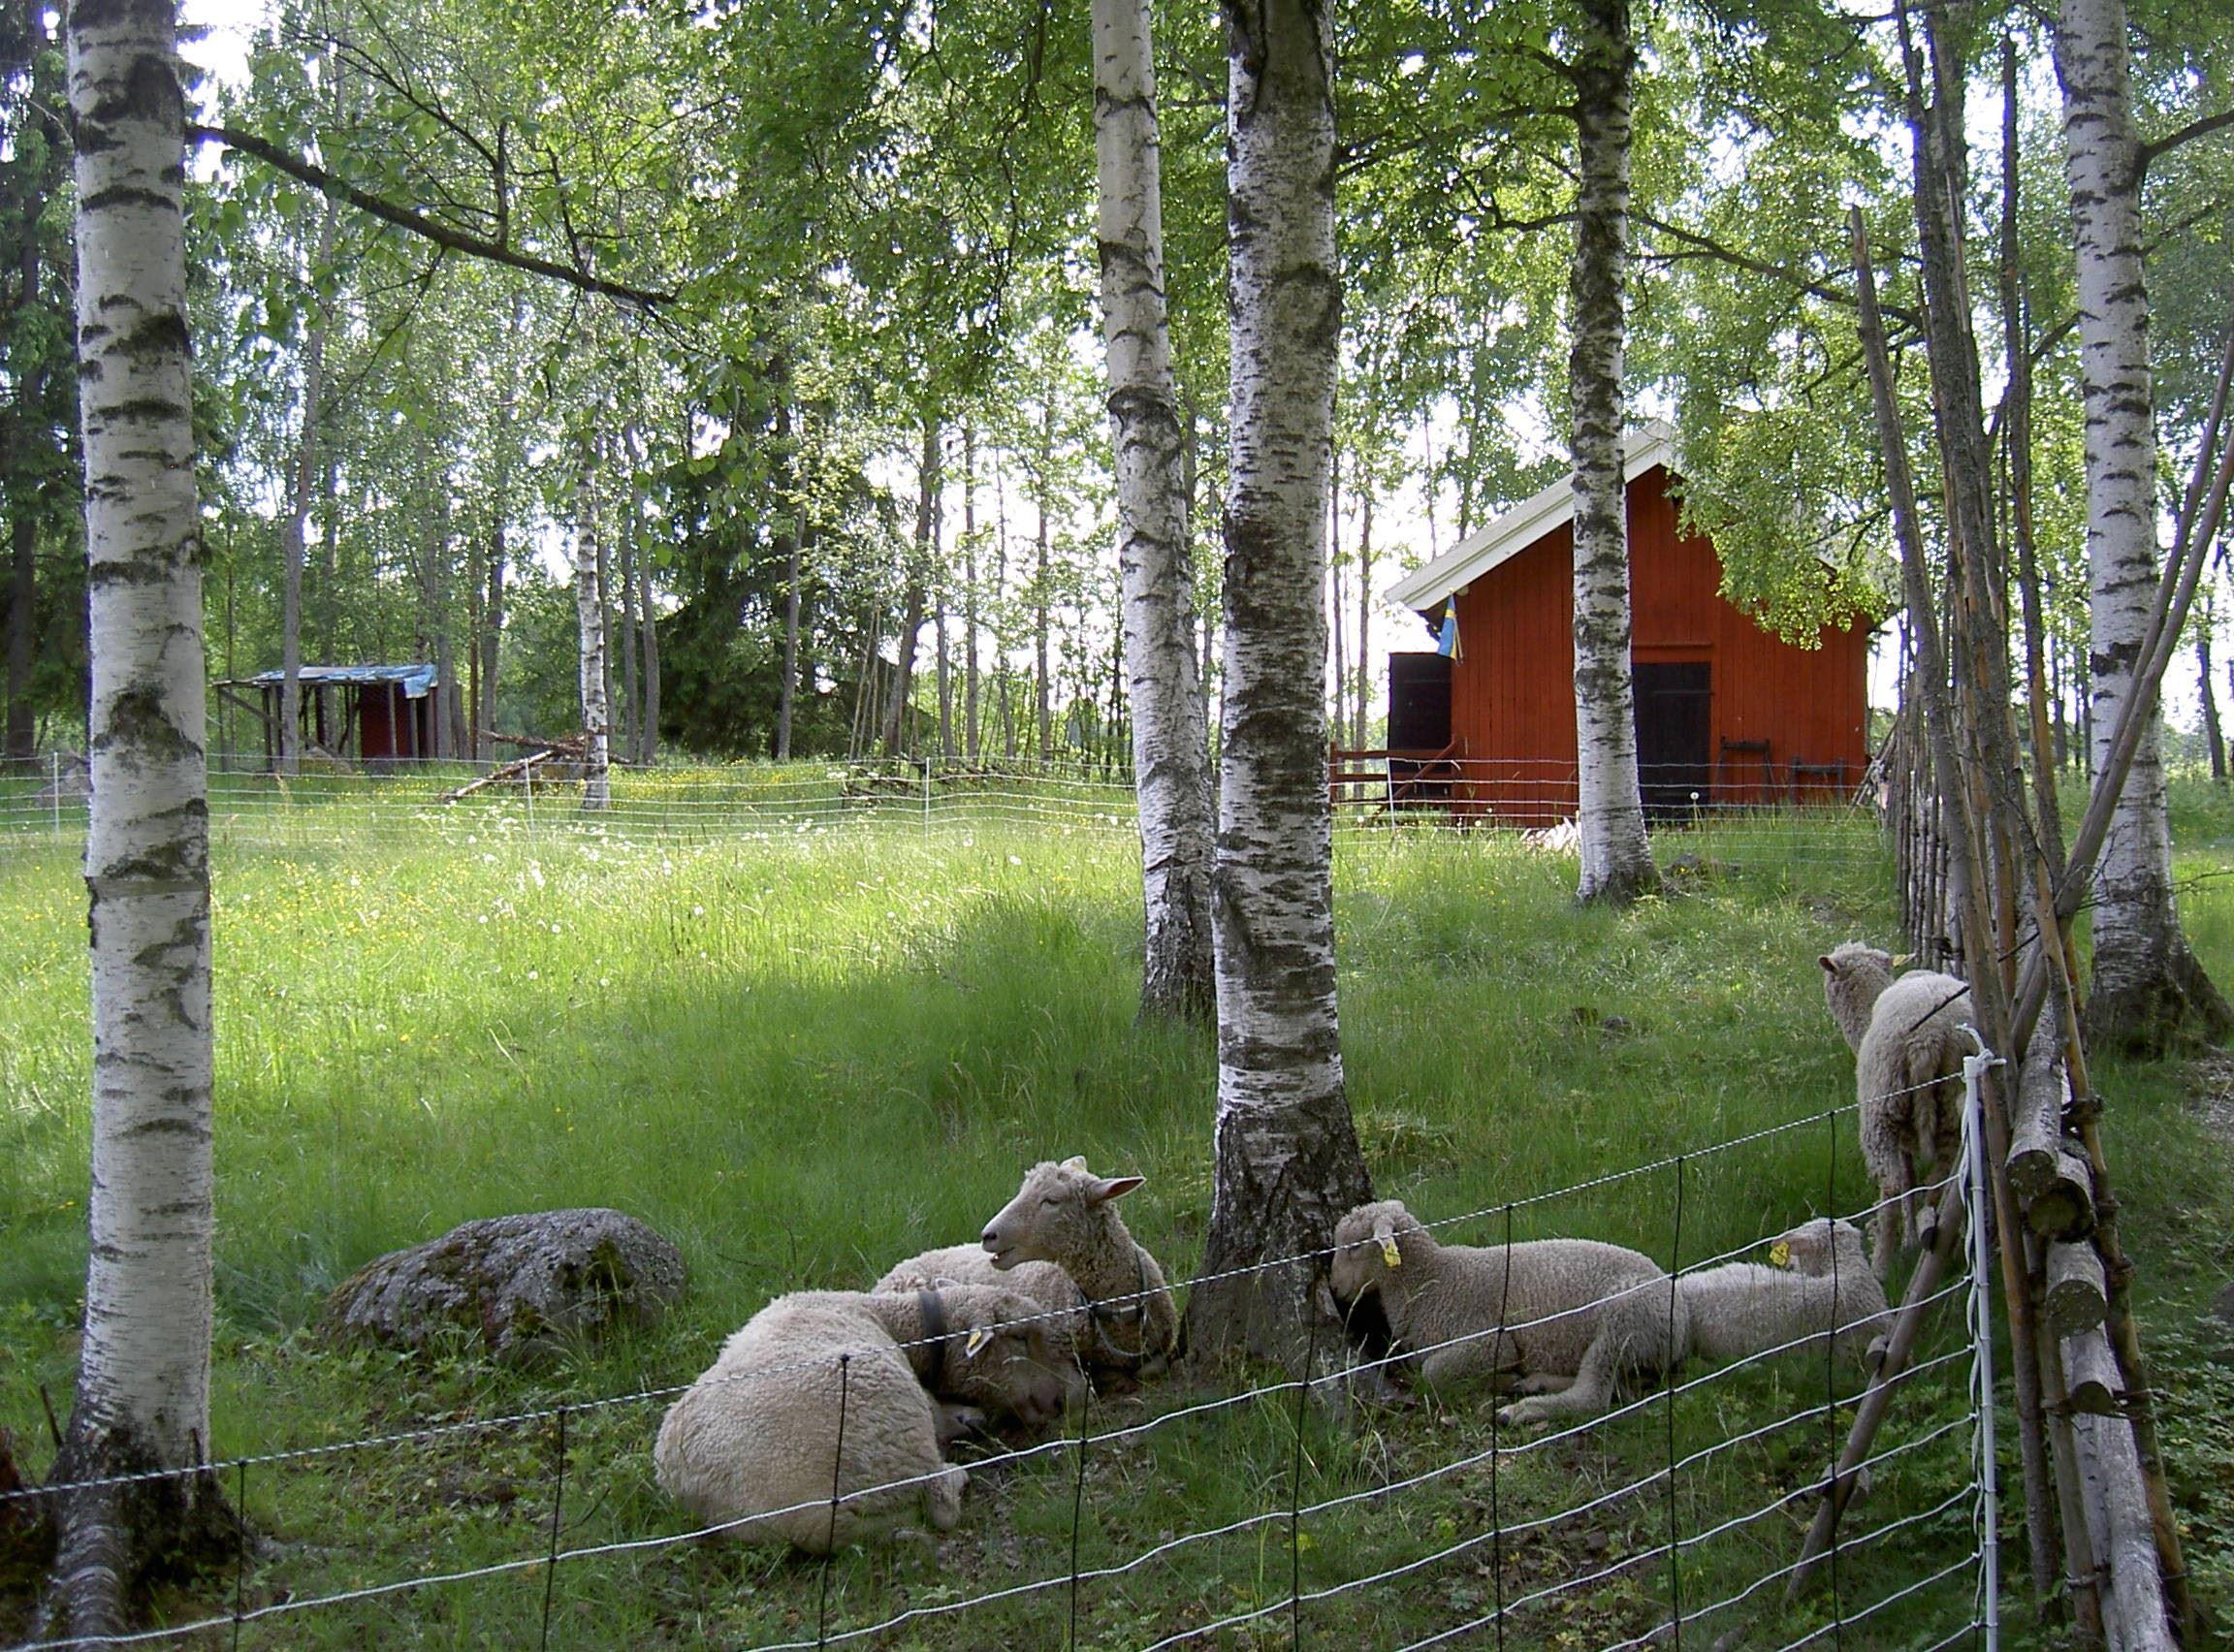 Sommaröppet på Slars-Ollas fäbodar